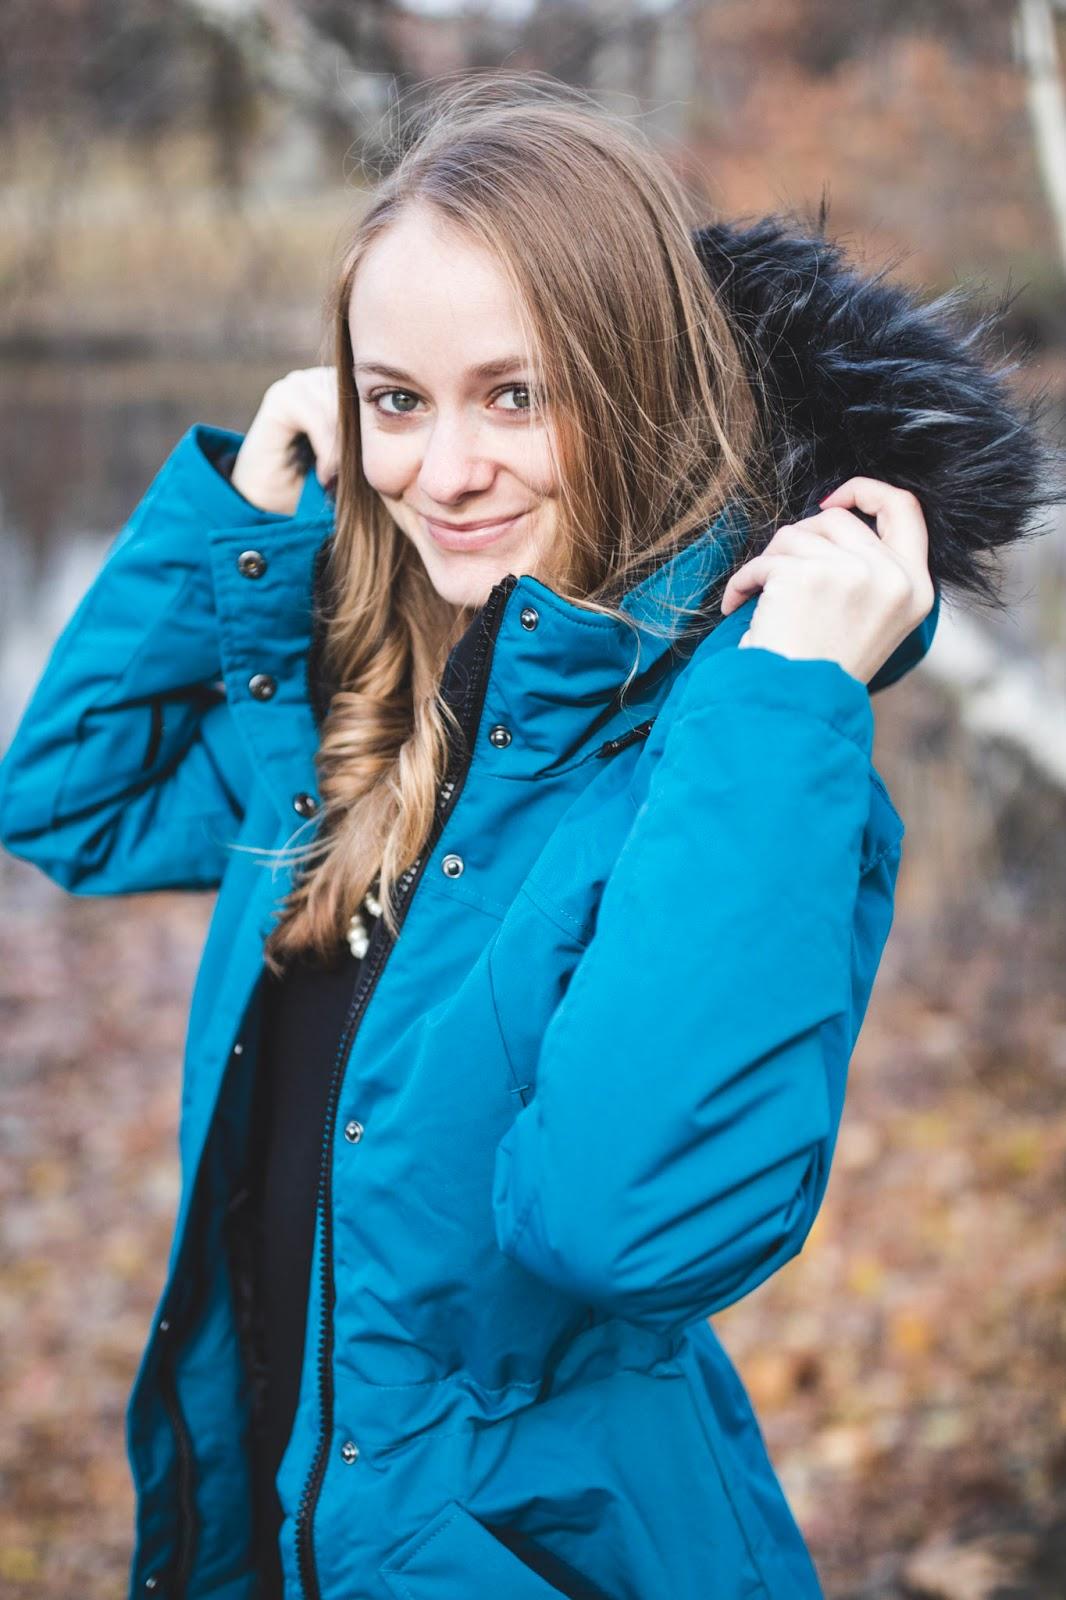 noize-turquoise-winter-coat